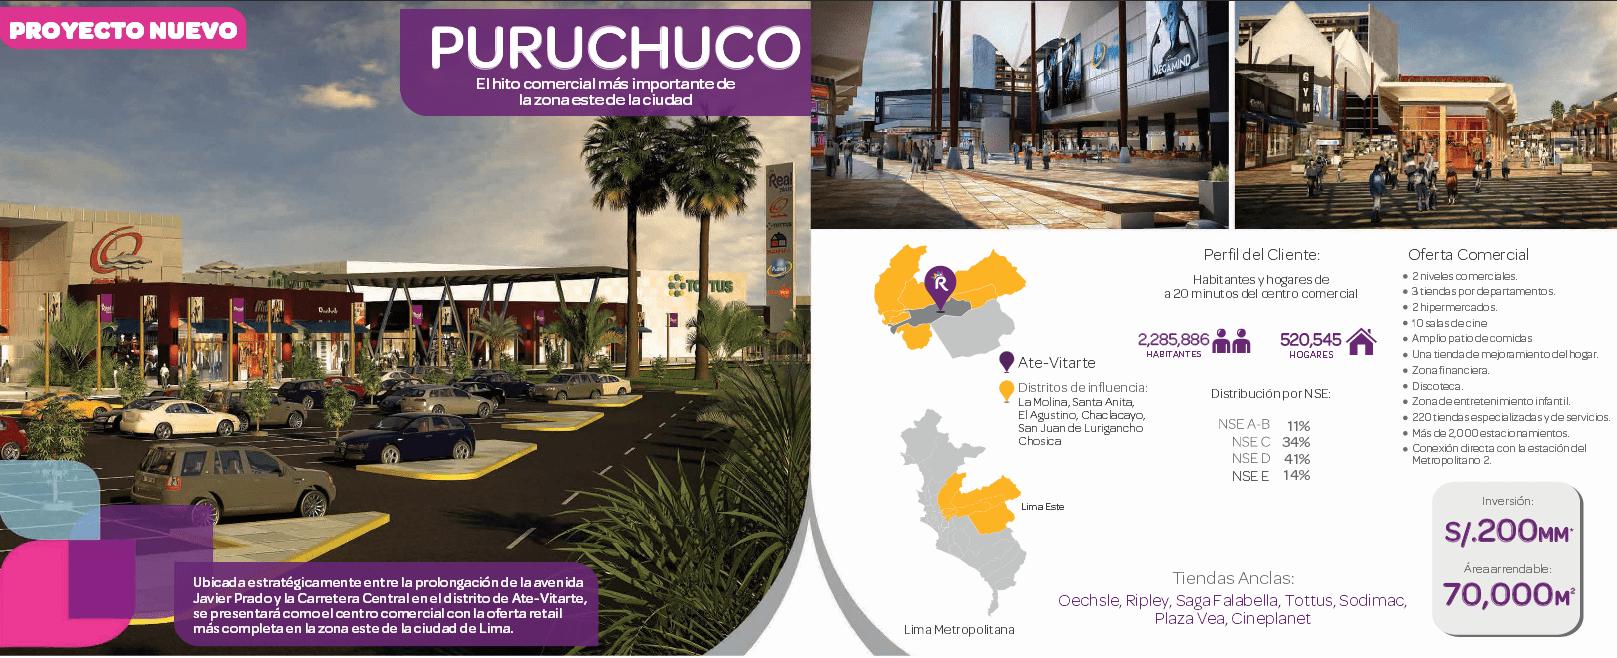 Real Plaza Puruchuco 1 - ¿Cuándo abrirá el Real Plaza Puruchuco?